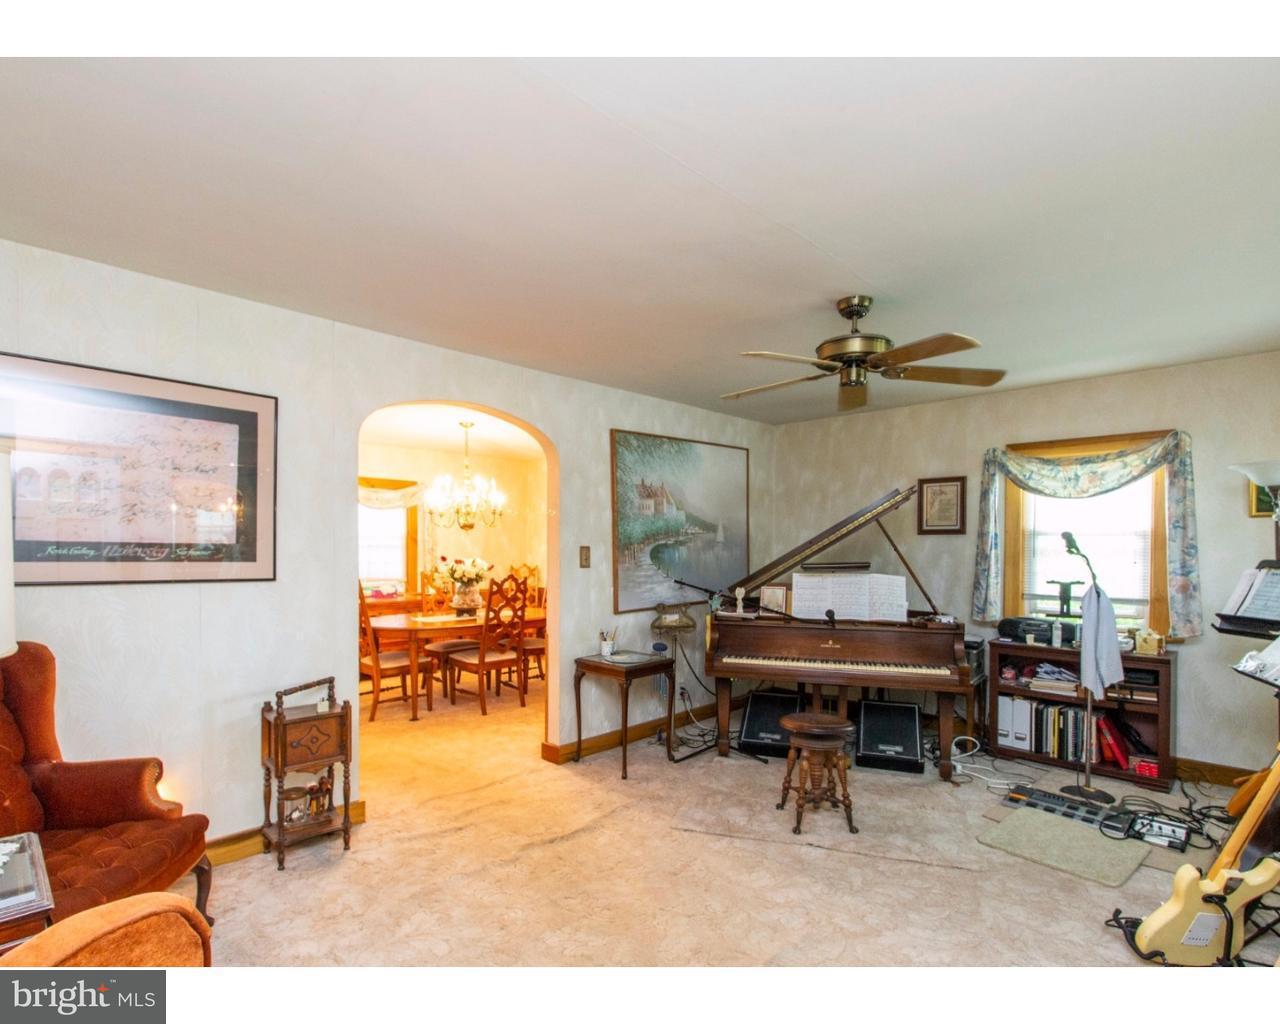 Частный односемейный дом для того Продажа на 124 TREATY Road Drexel Hill, Пенсильвания 19026 Соединенные Штаты